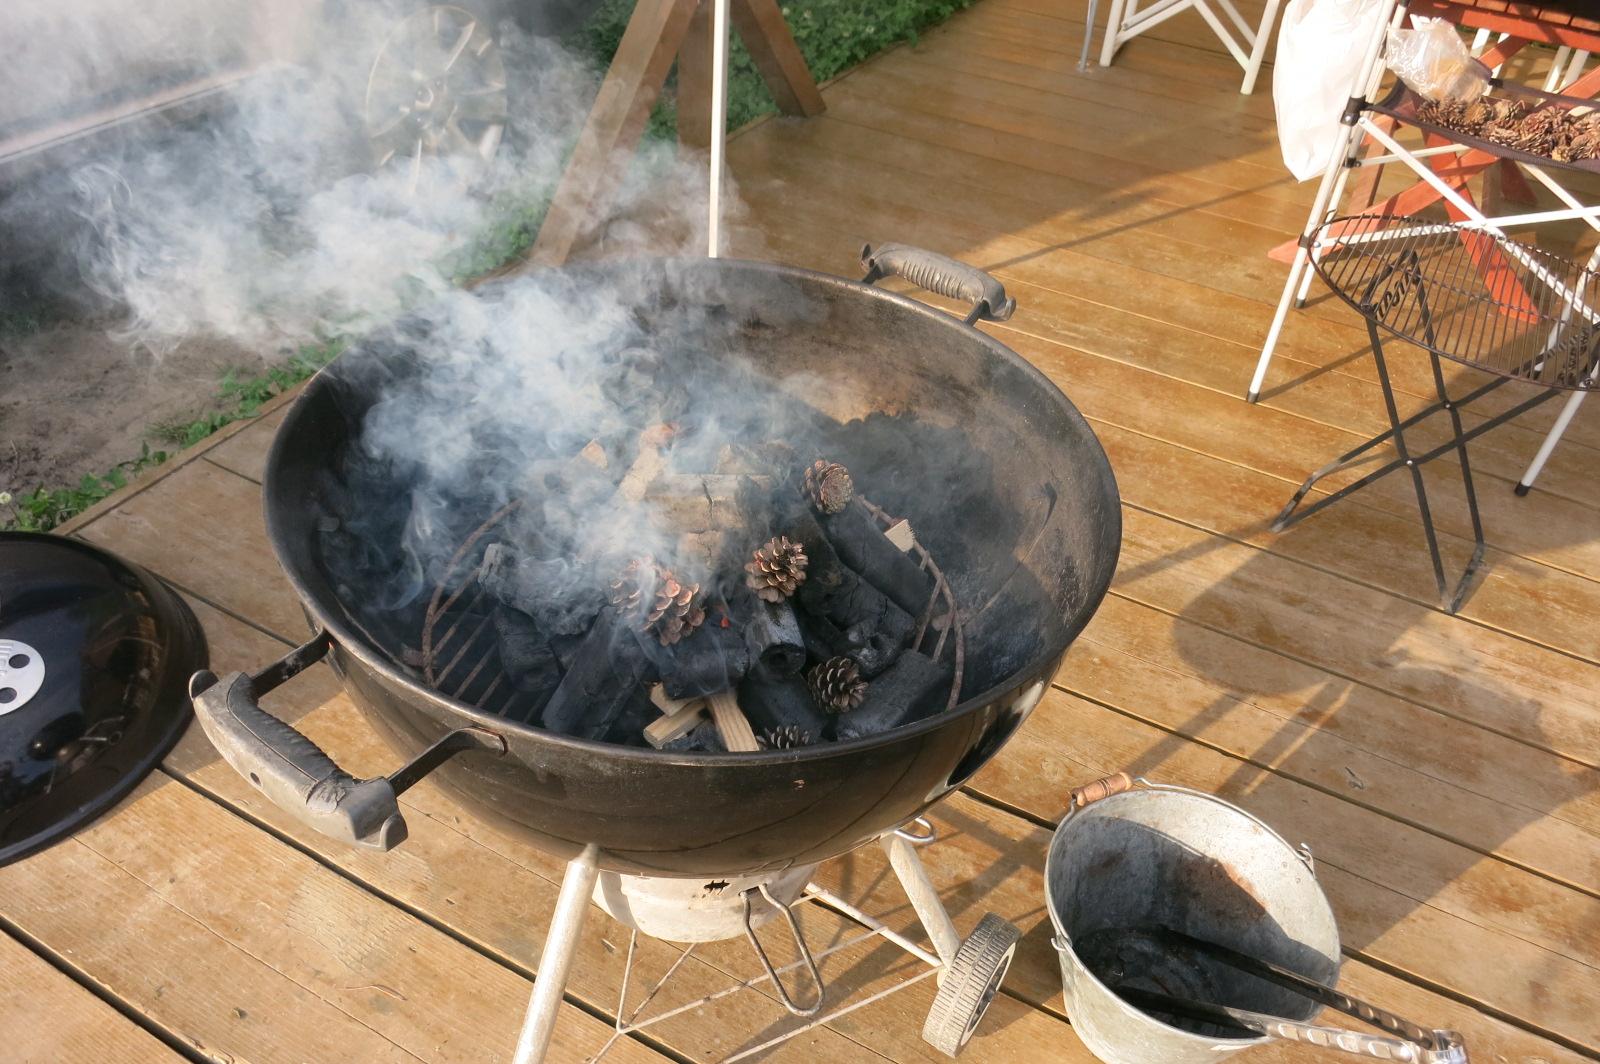 炭の火入れ、肉の焼き方なども全てマニュアルが準備されているから簡単。